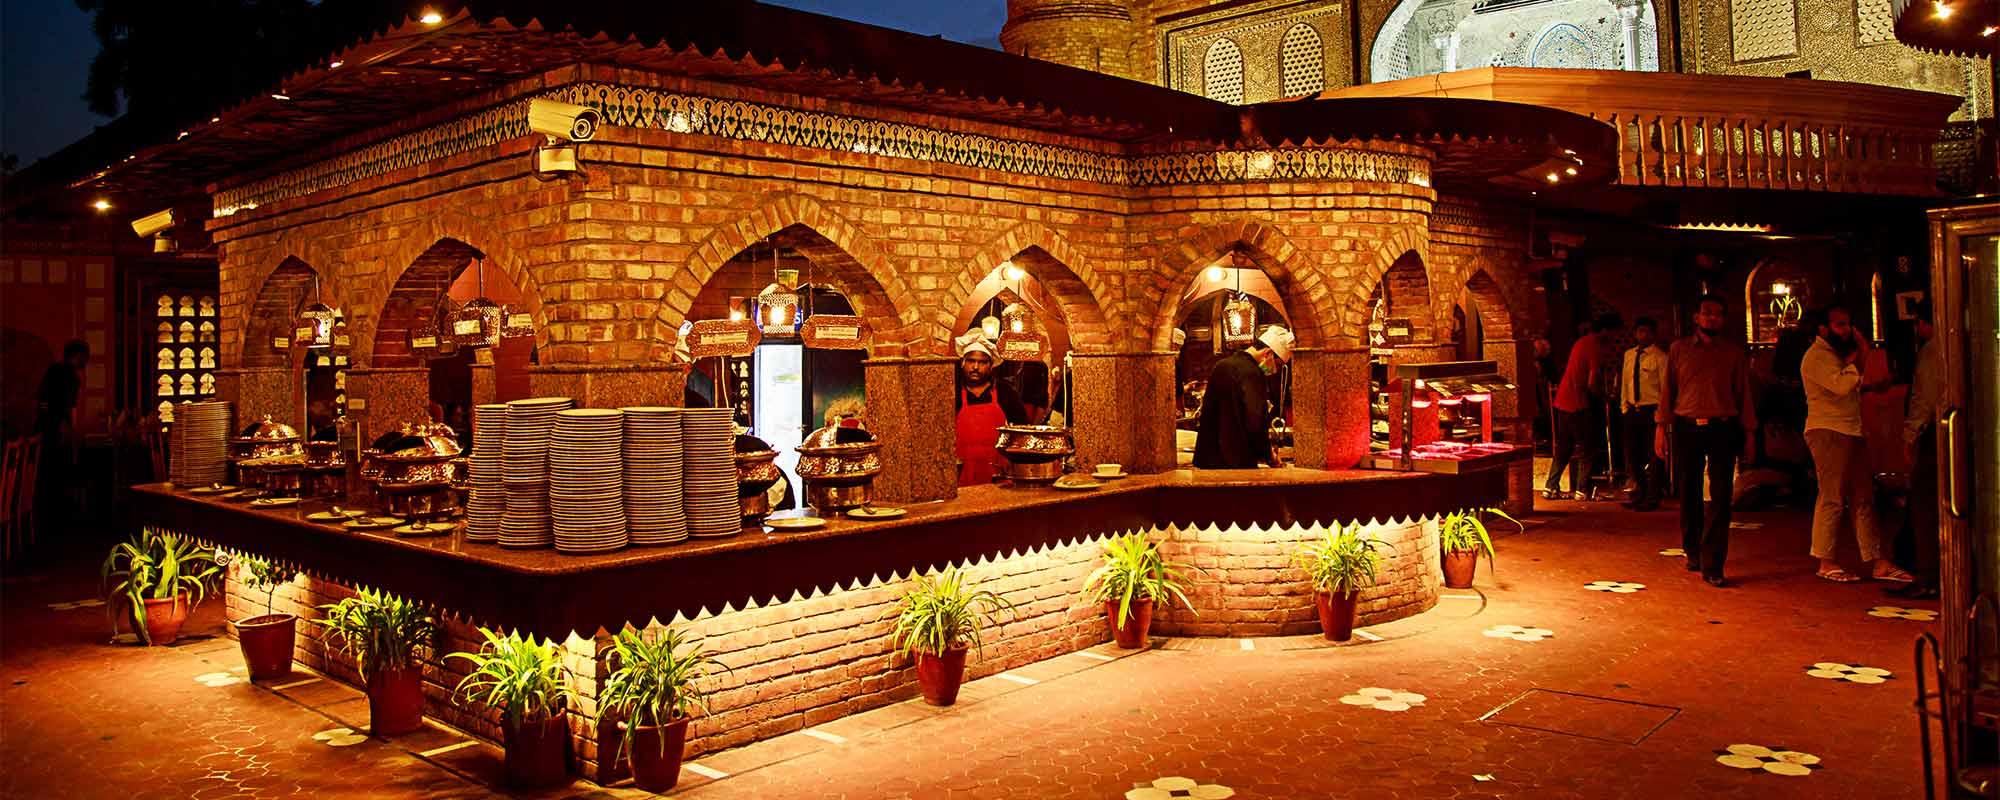 Lalqila Restaurant Karachi Lalqila Restaurant Karachi